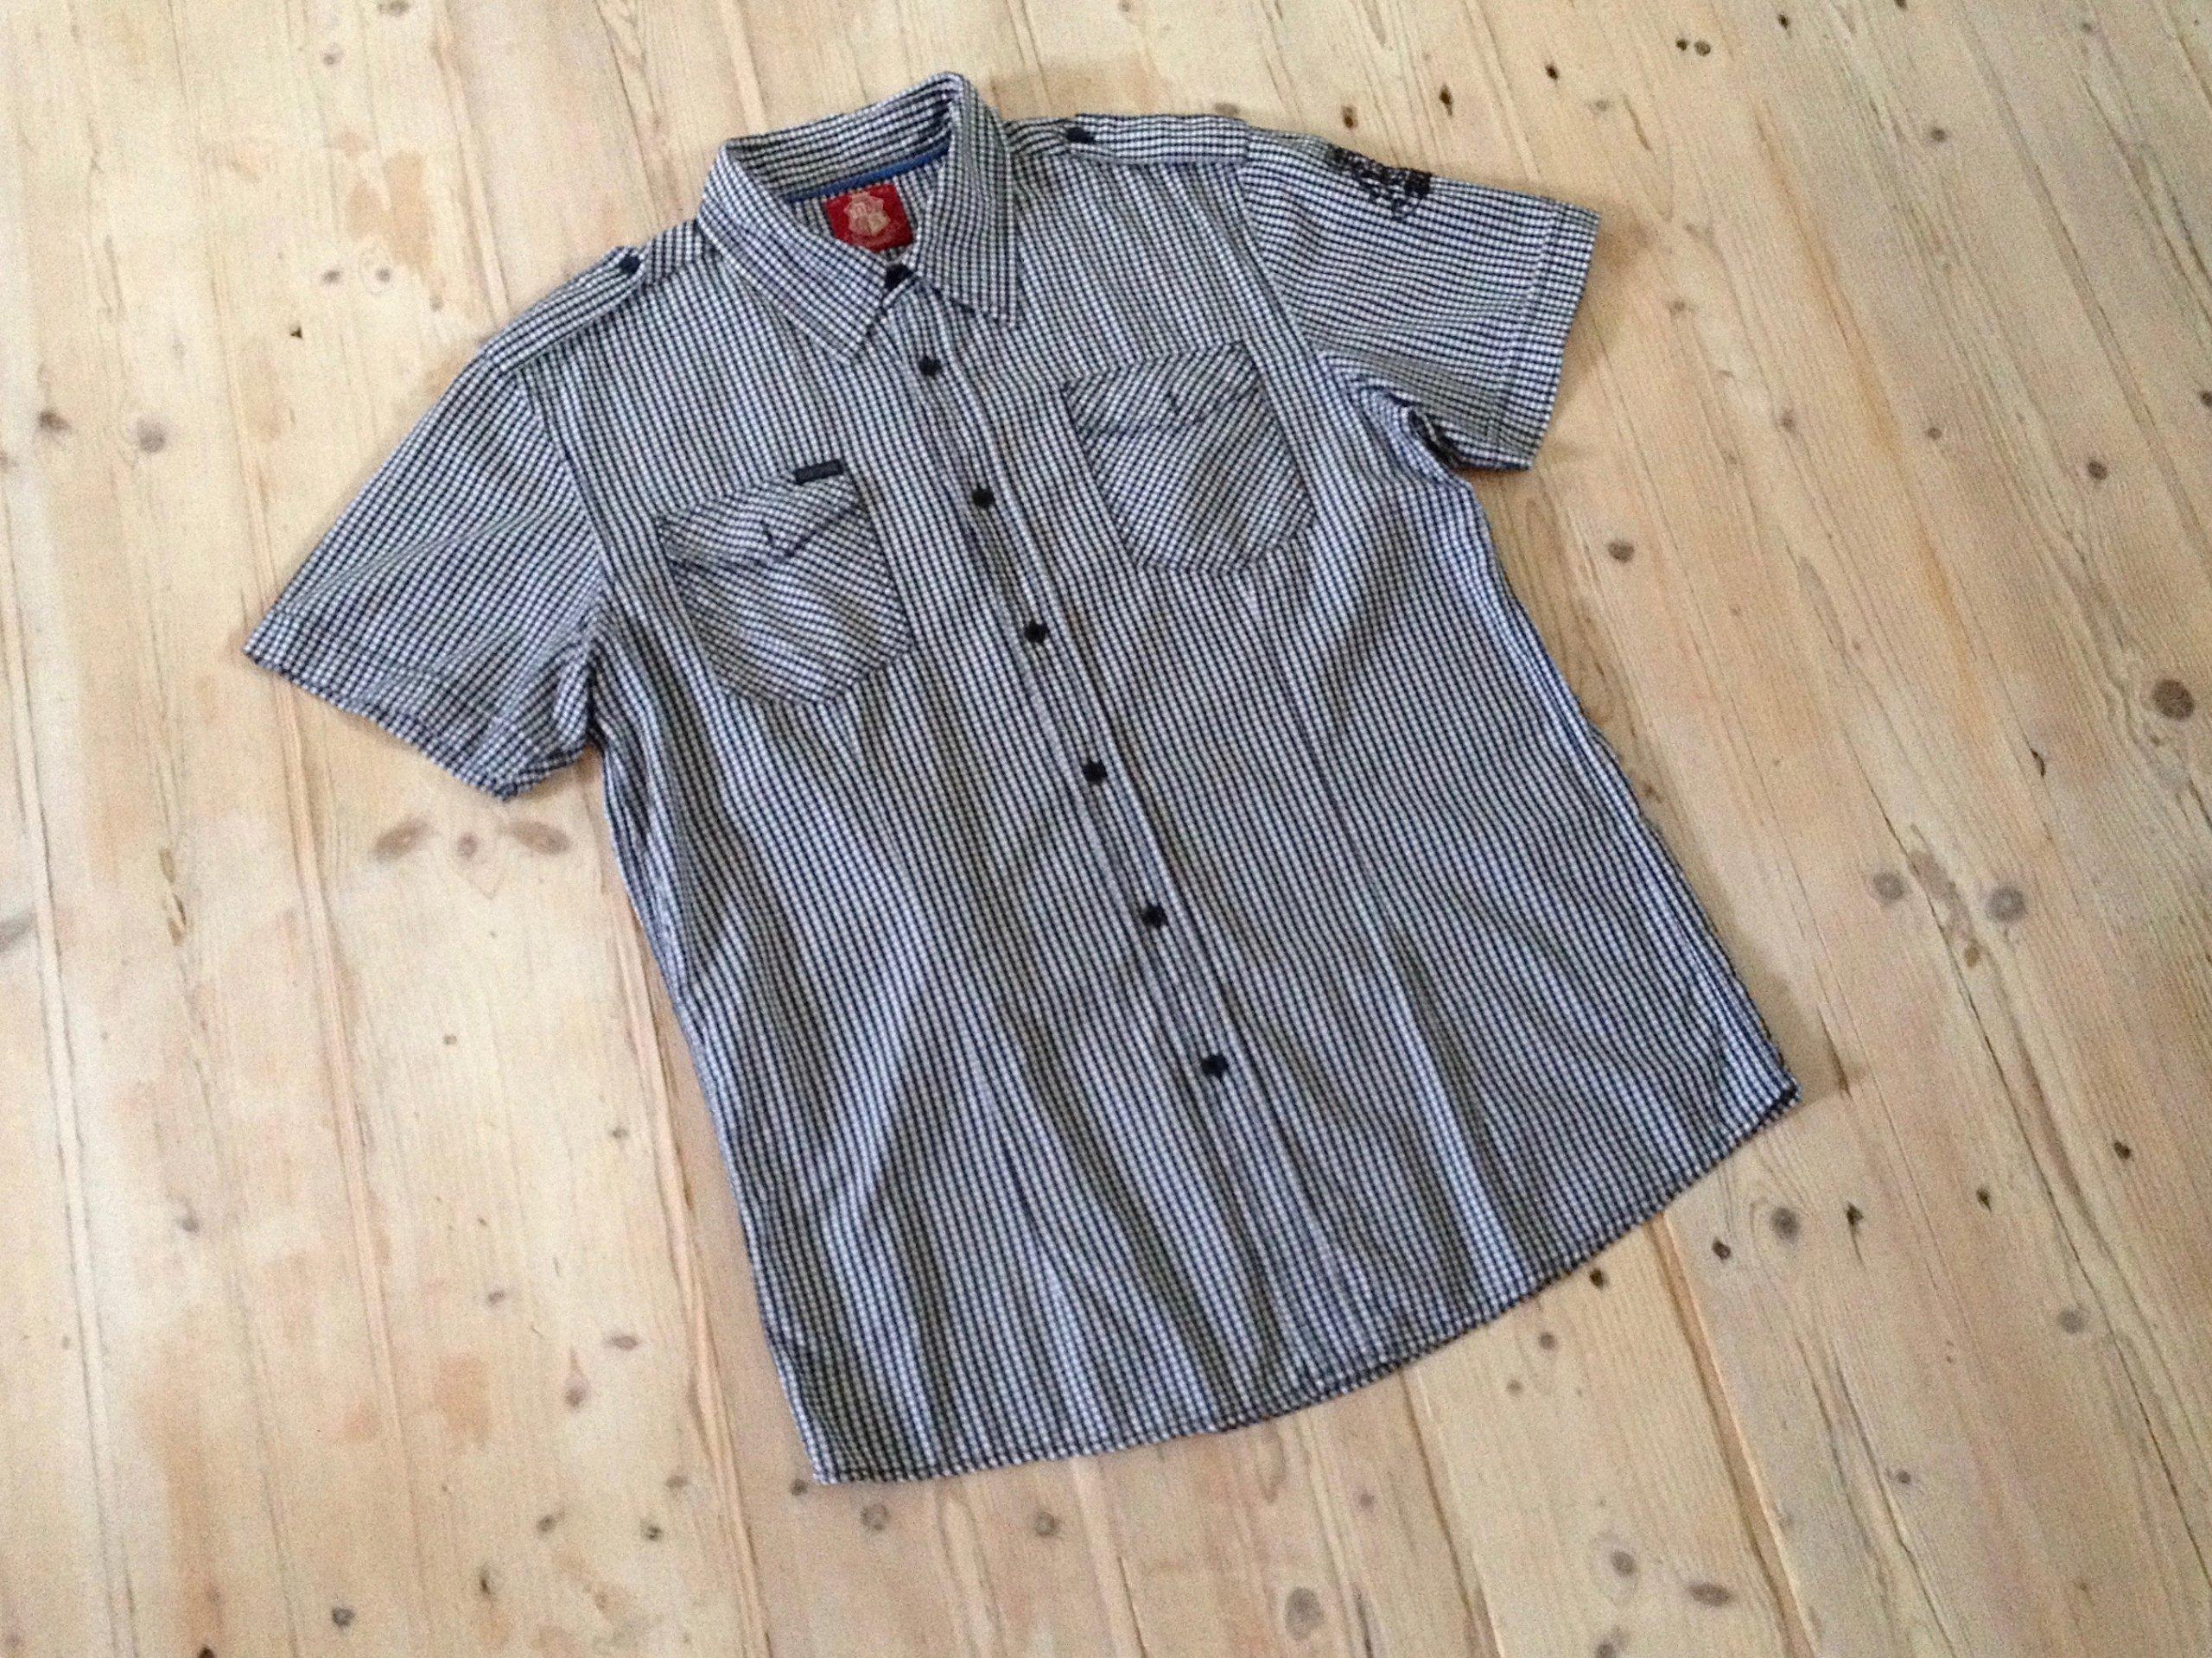 Koszula kratka = Diverse = XL 7124940163 oficjalne  97OVO